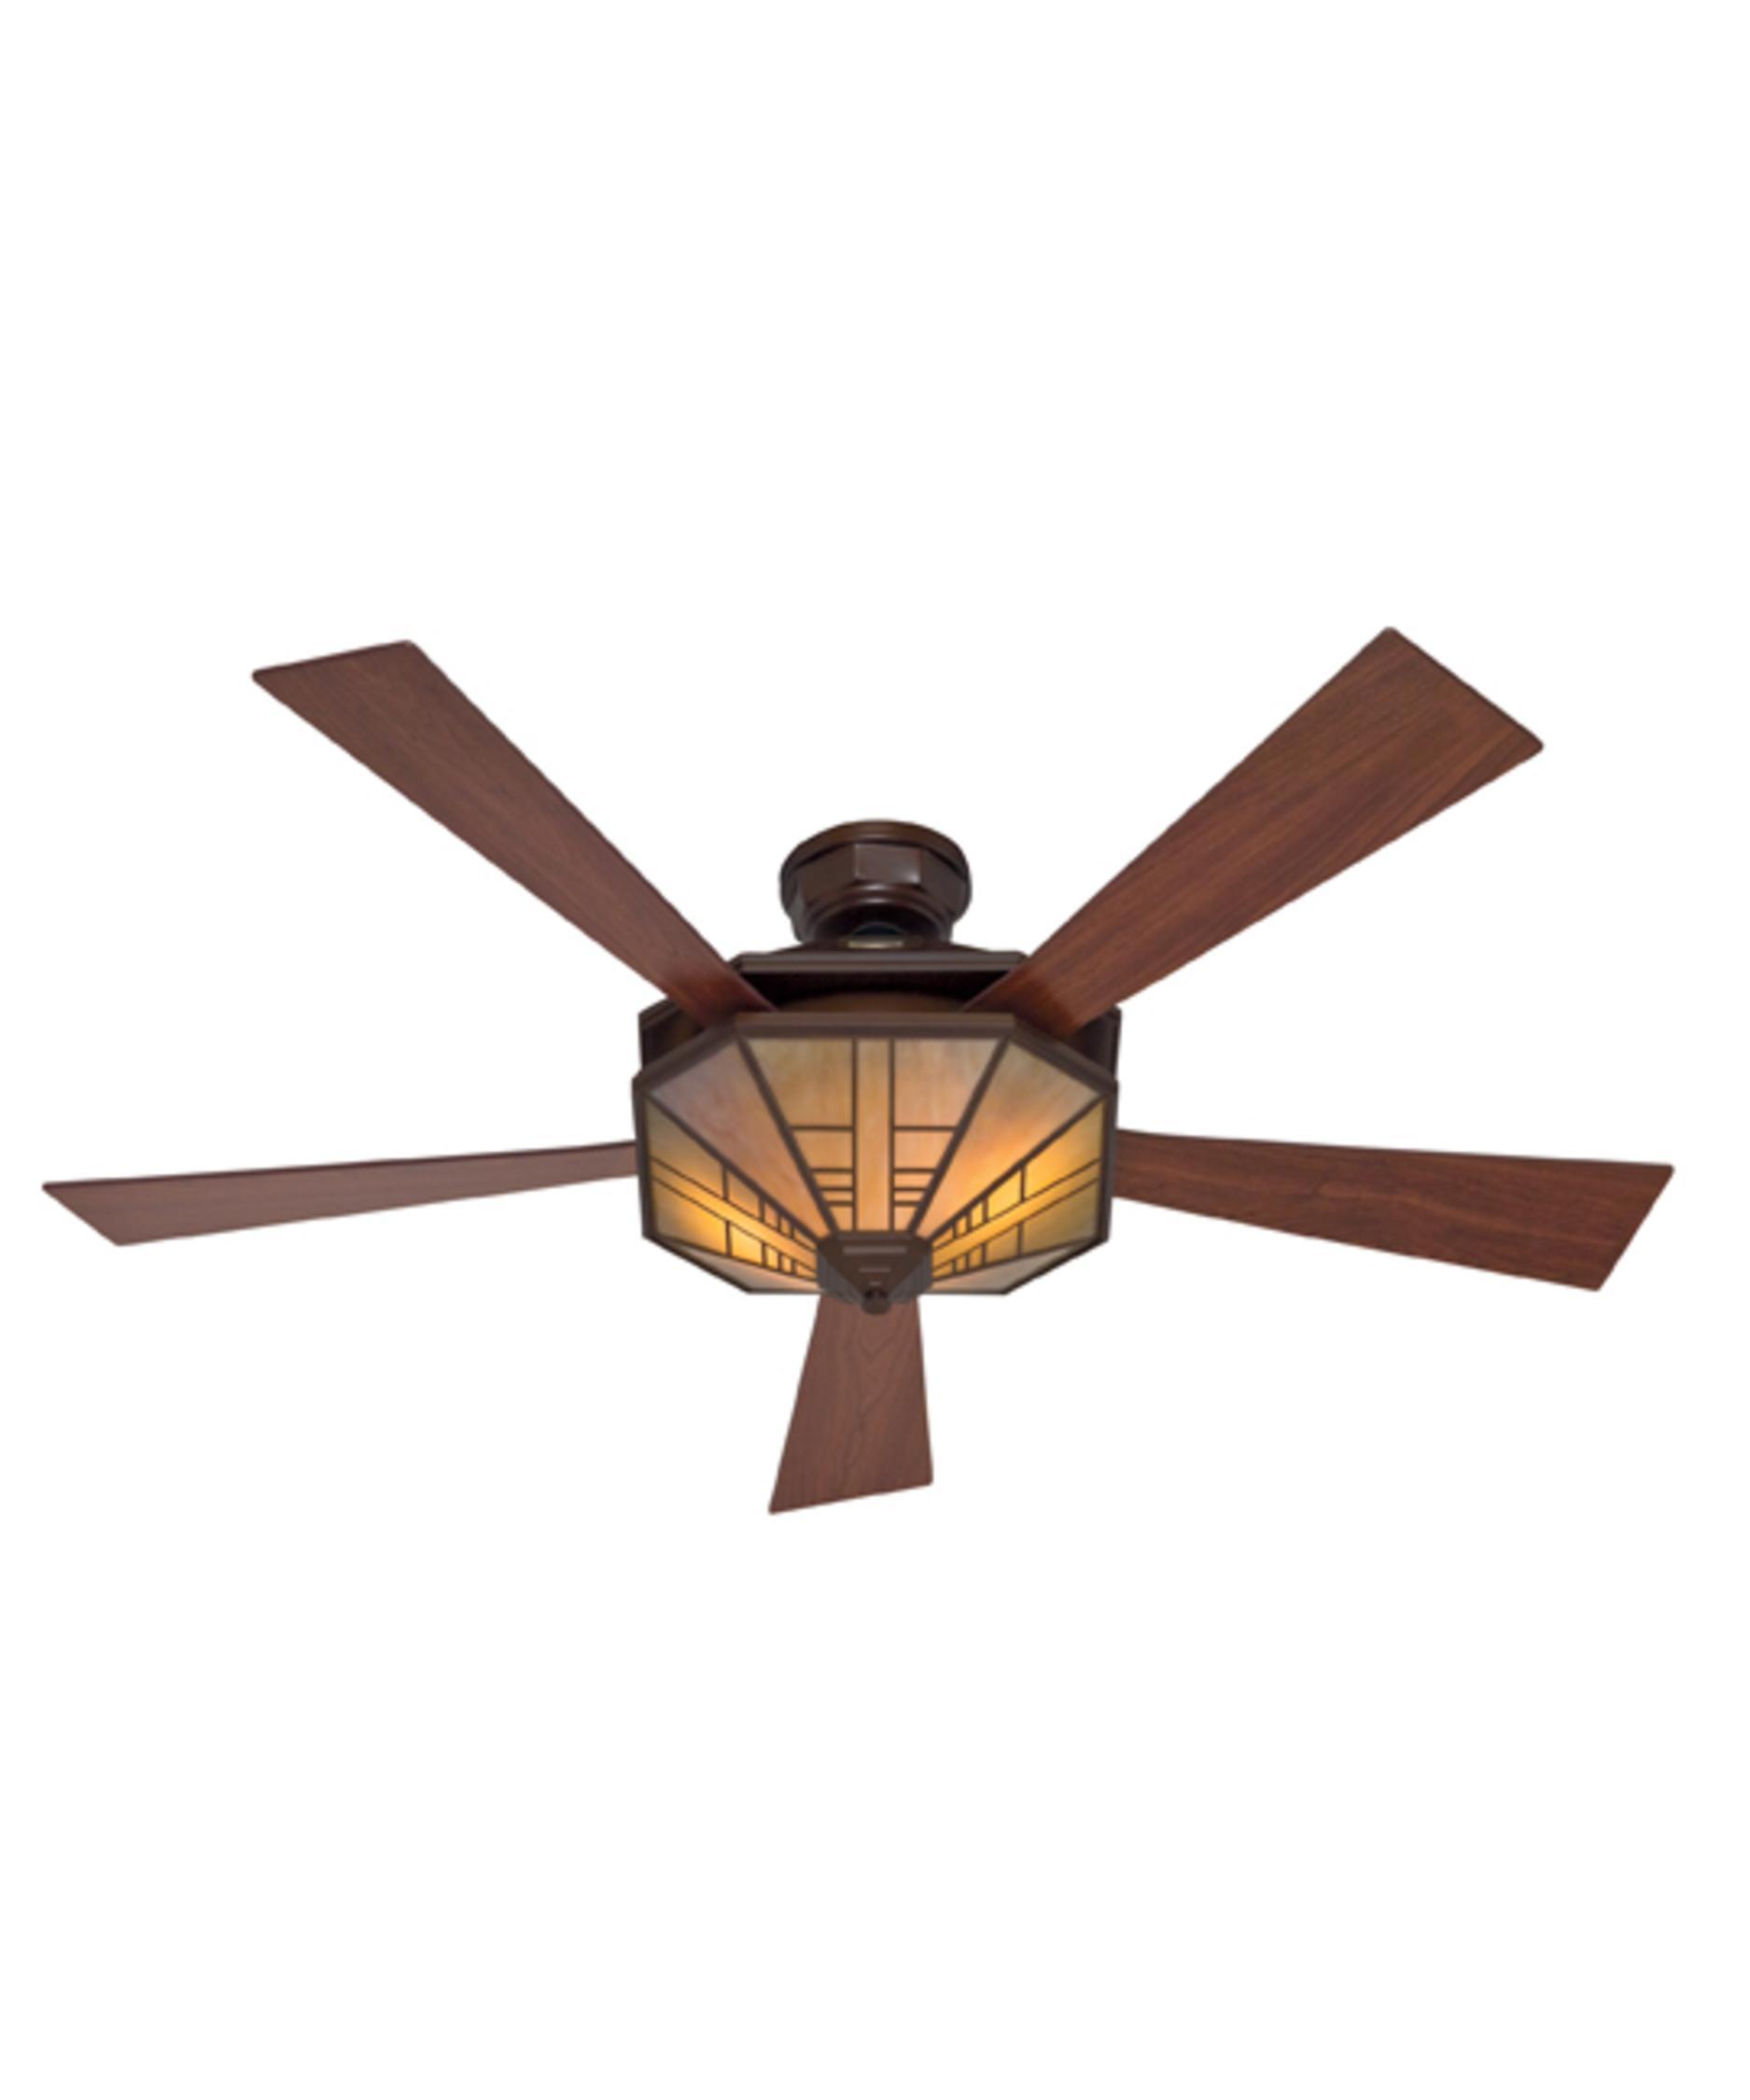 hunter fan 21978 1912 mission 54 inch 5 blade ceiling fan